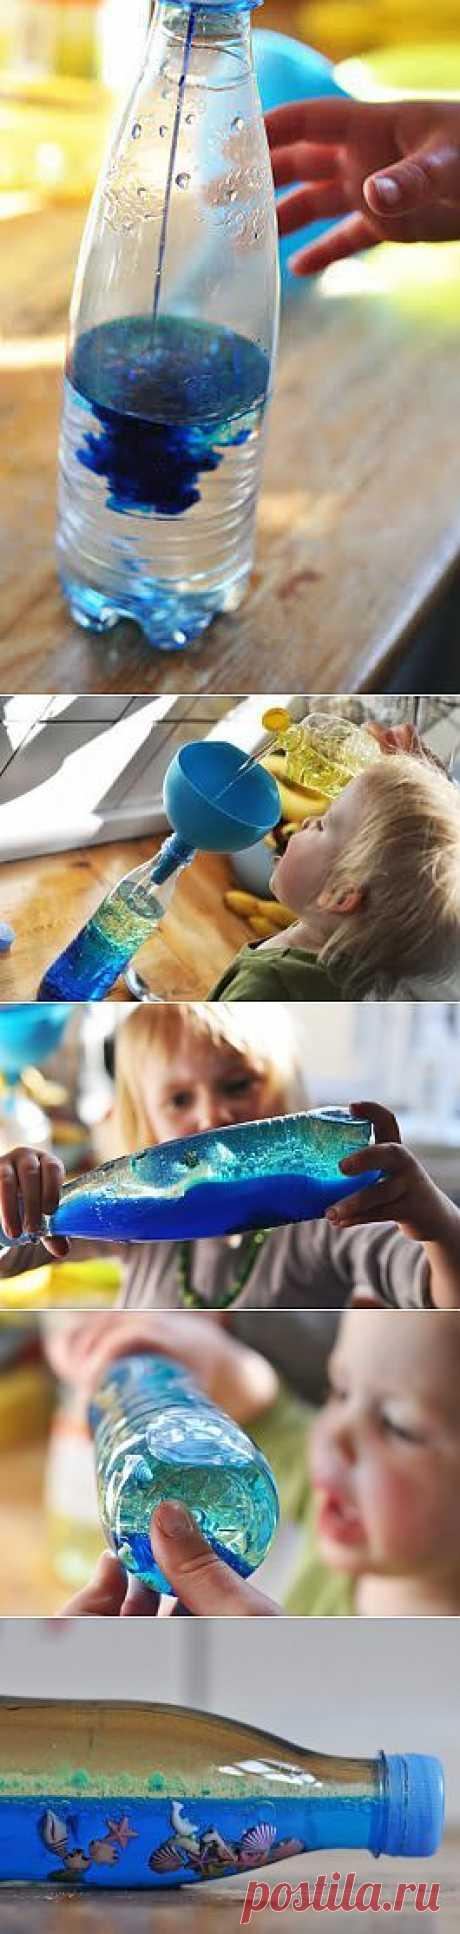 Море волнуется ...в пластиковй бутылке ) | переделки | Форум | Вышиваем крестом